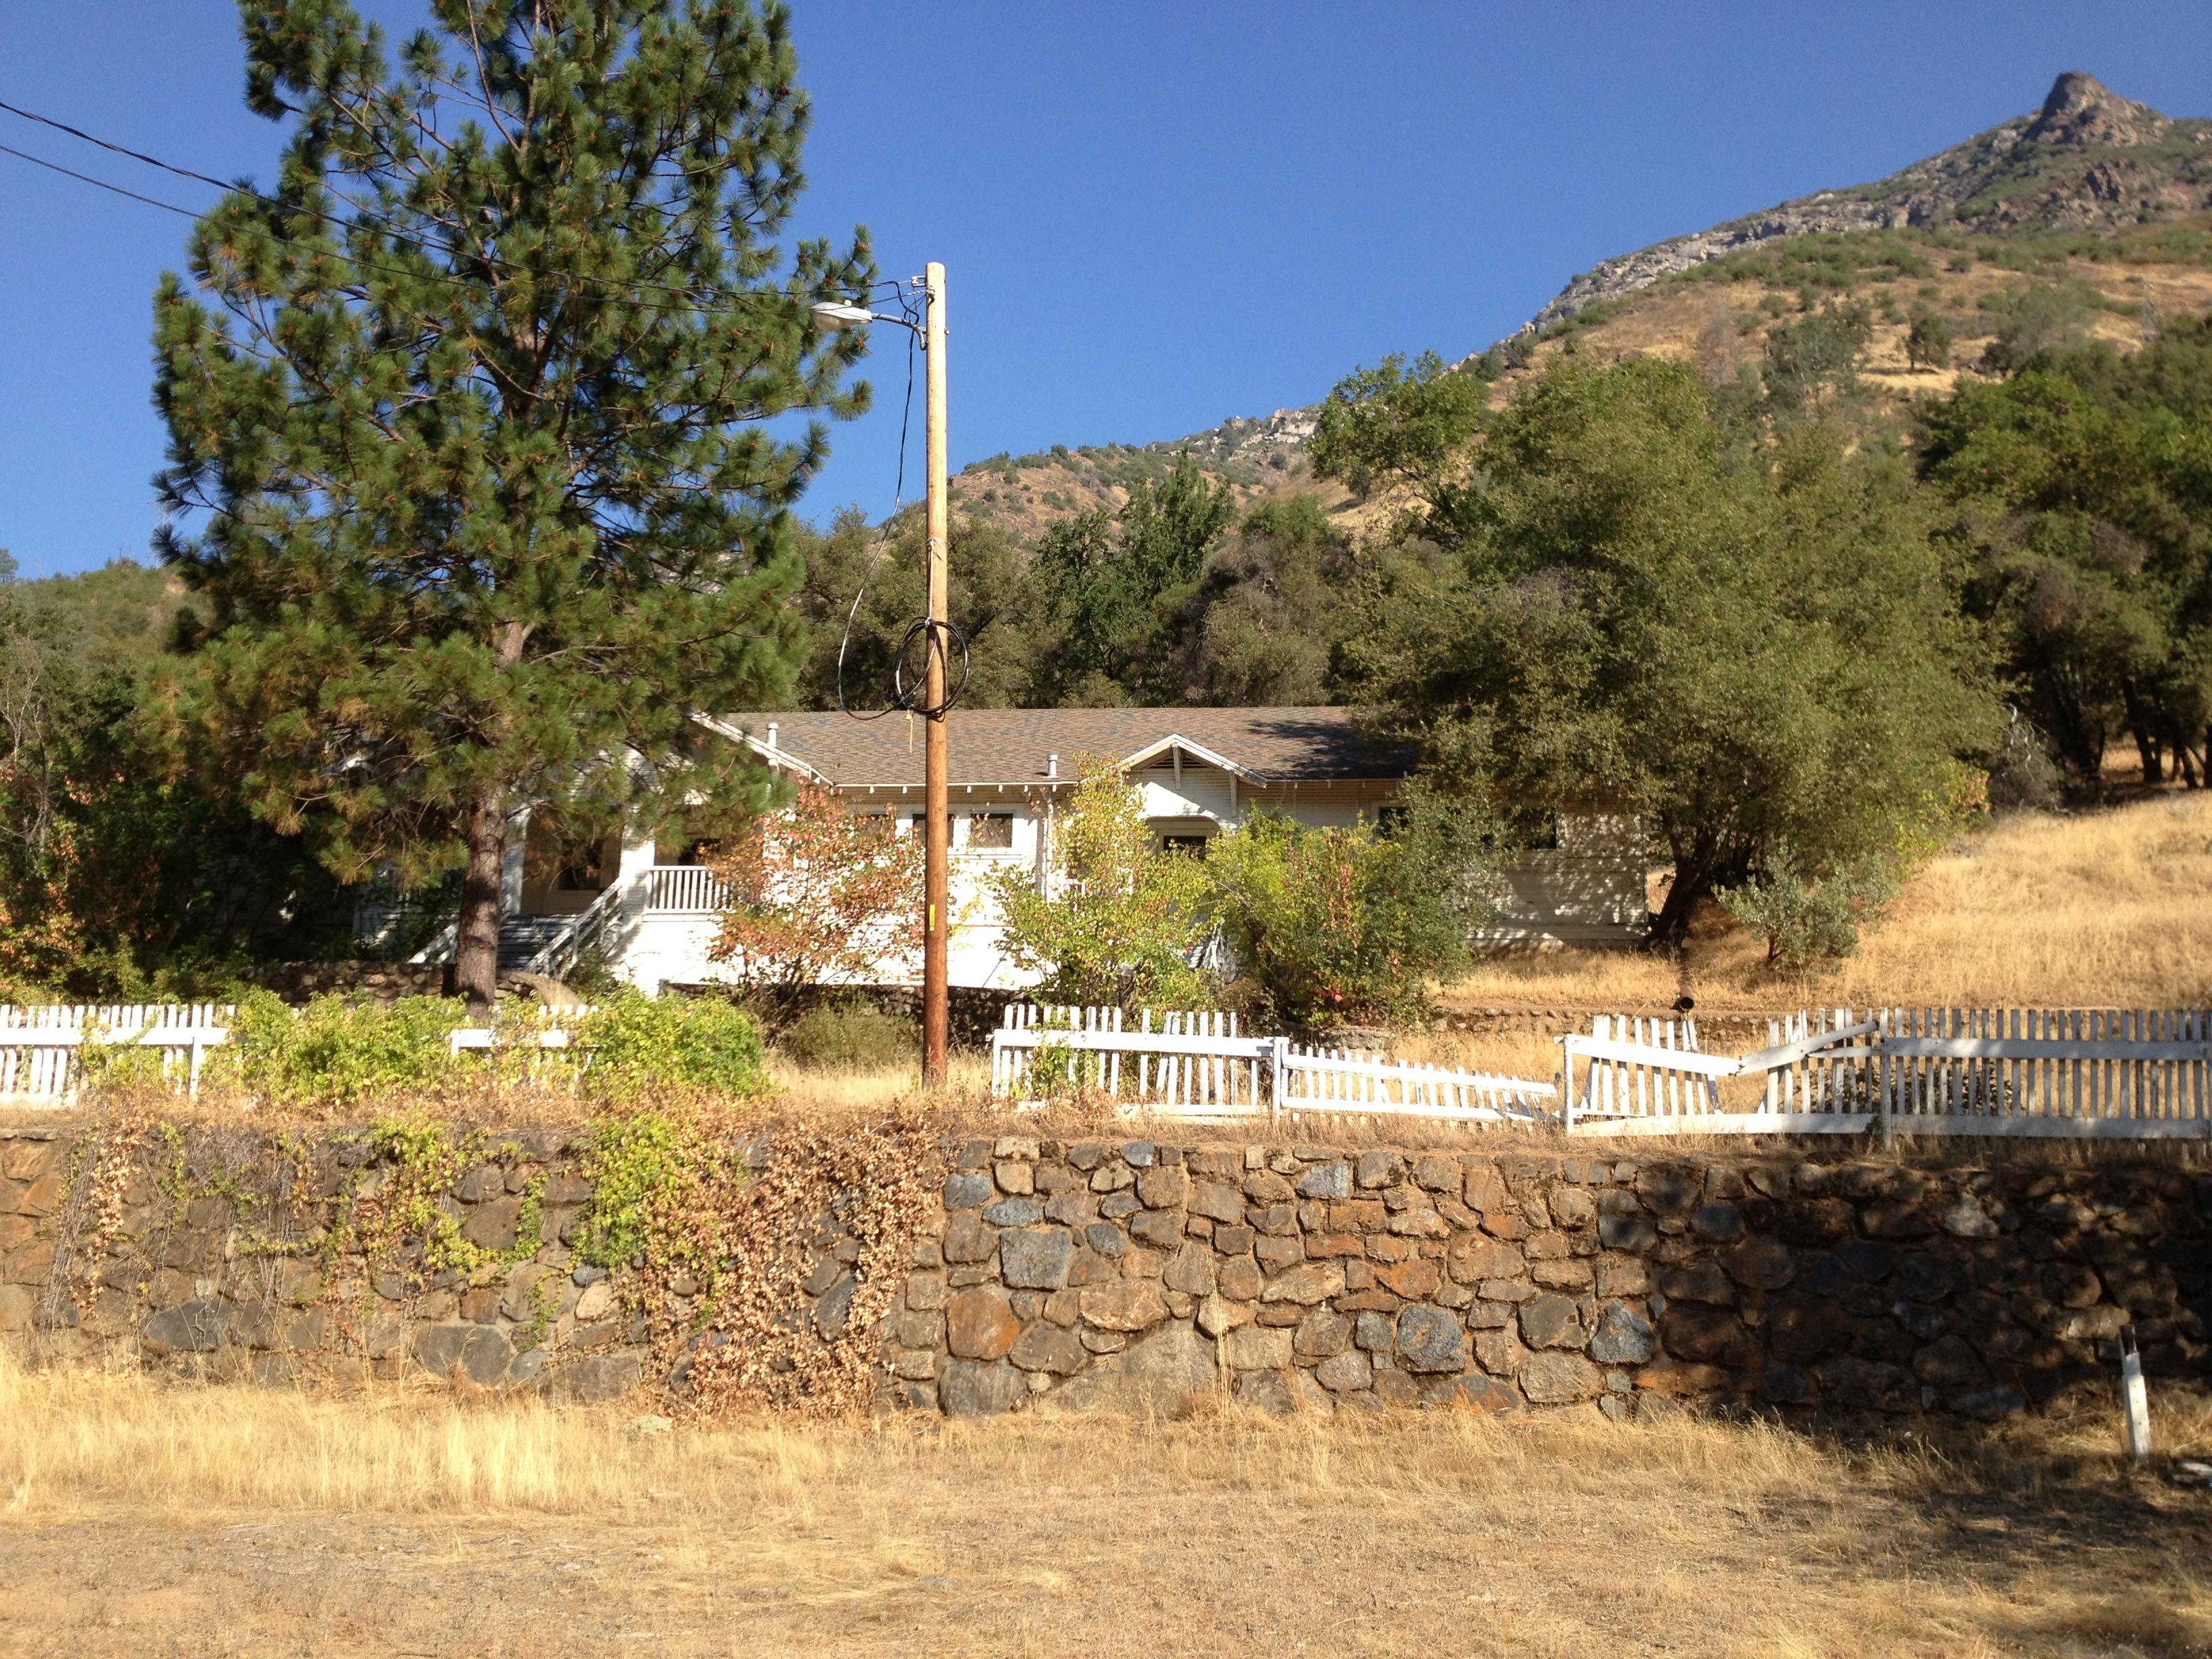 El Portal Ca >> El Portal California Wikipedia